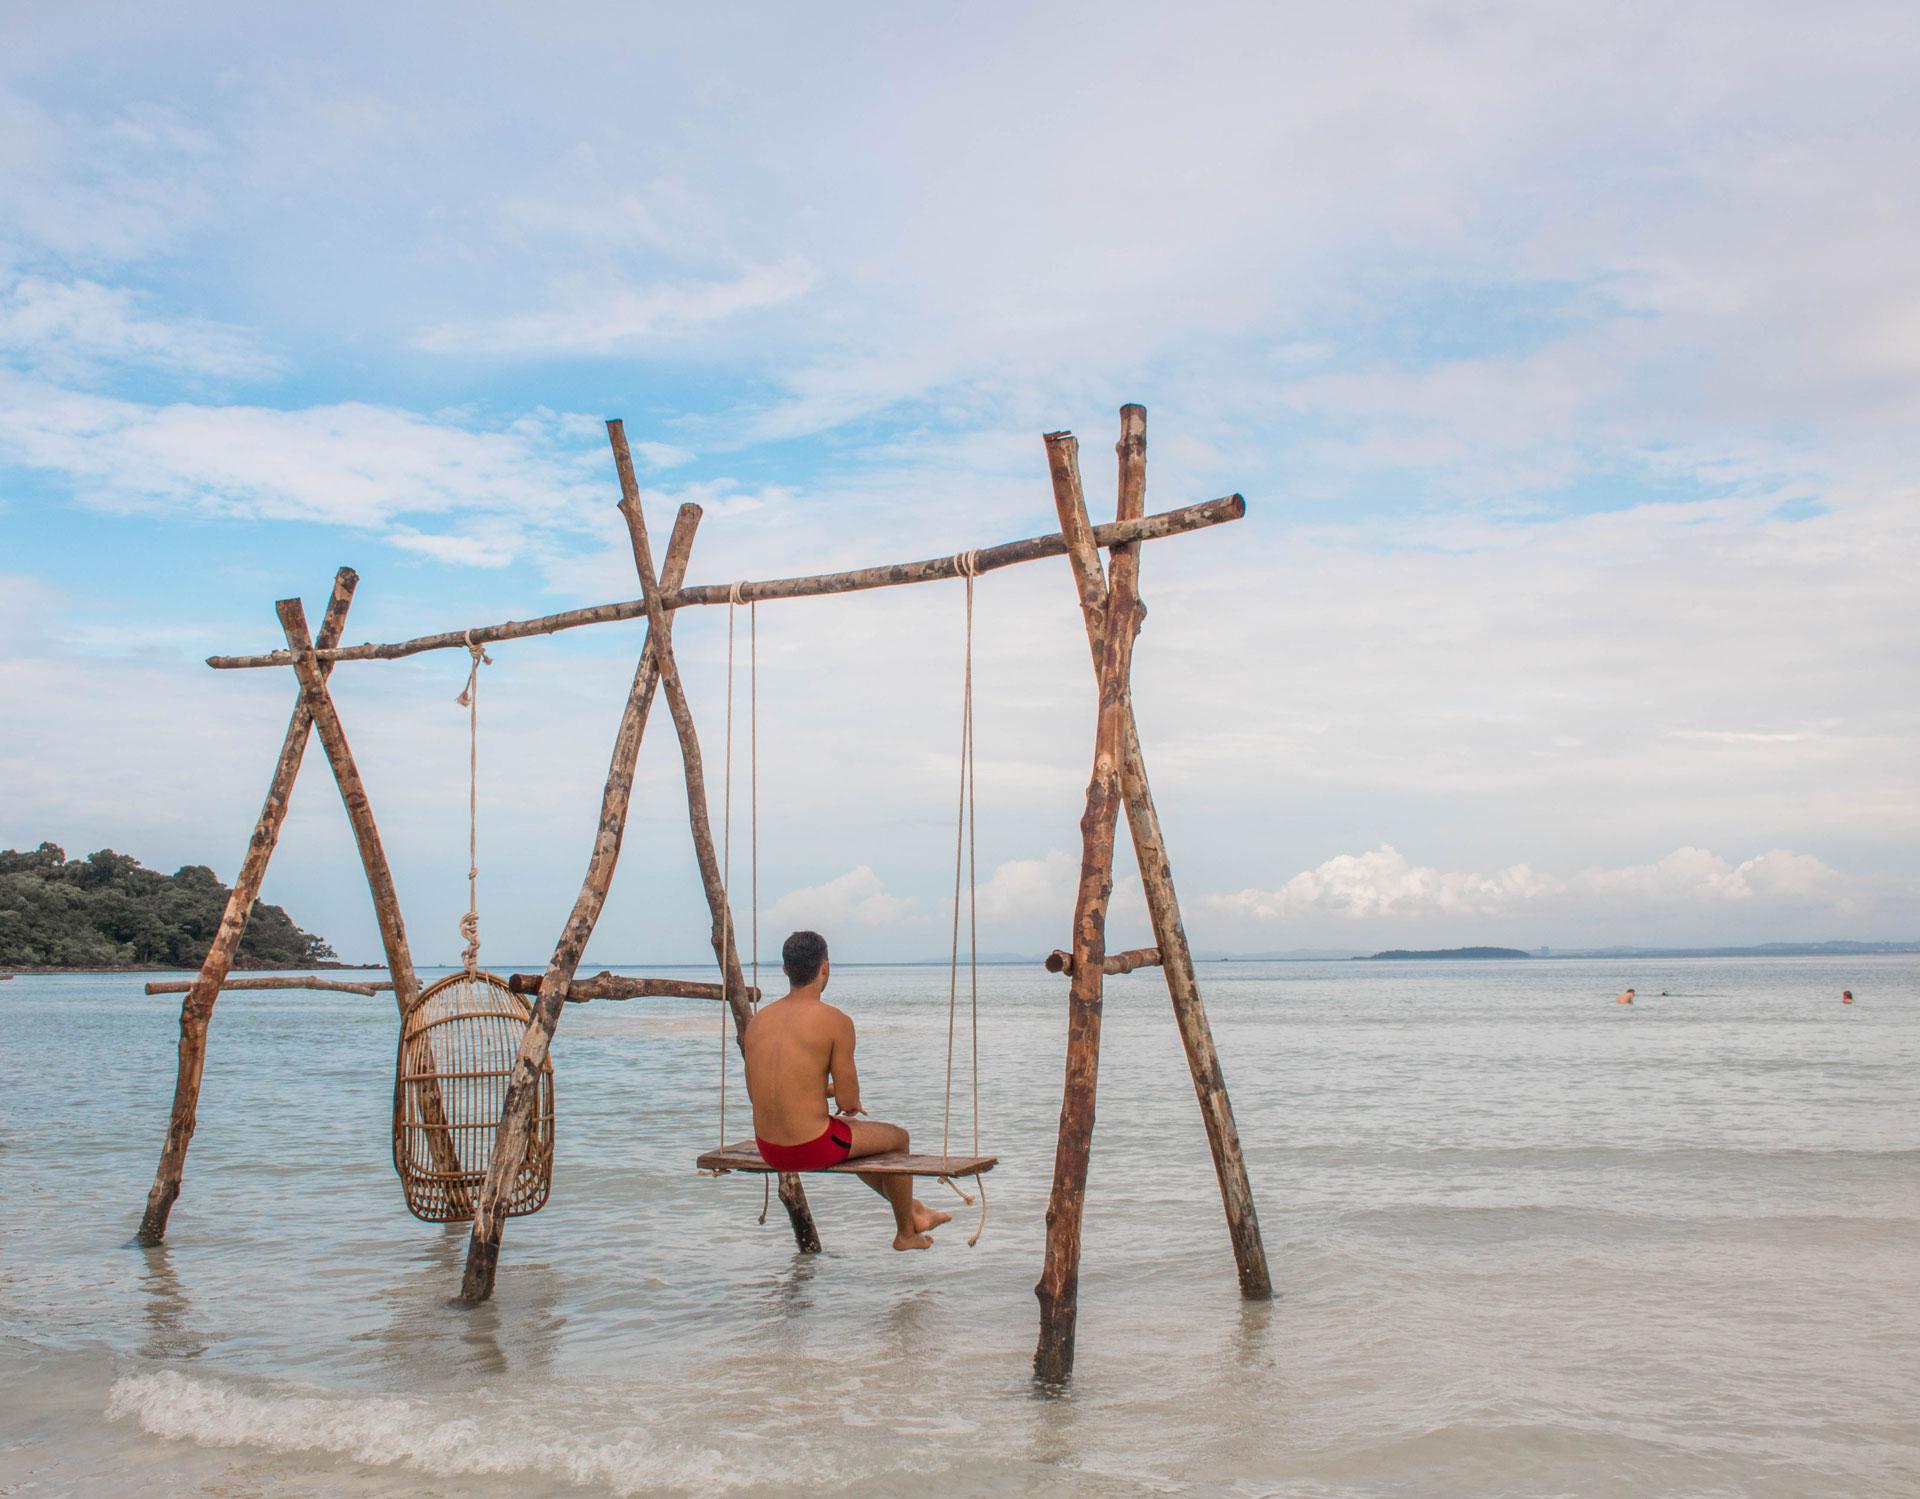 Développement personnel et transformation par le voyage